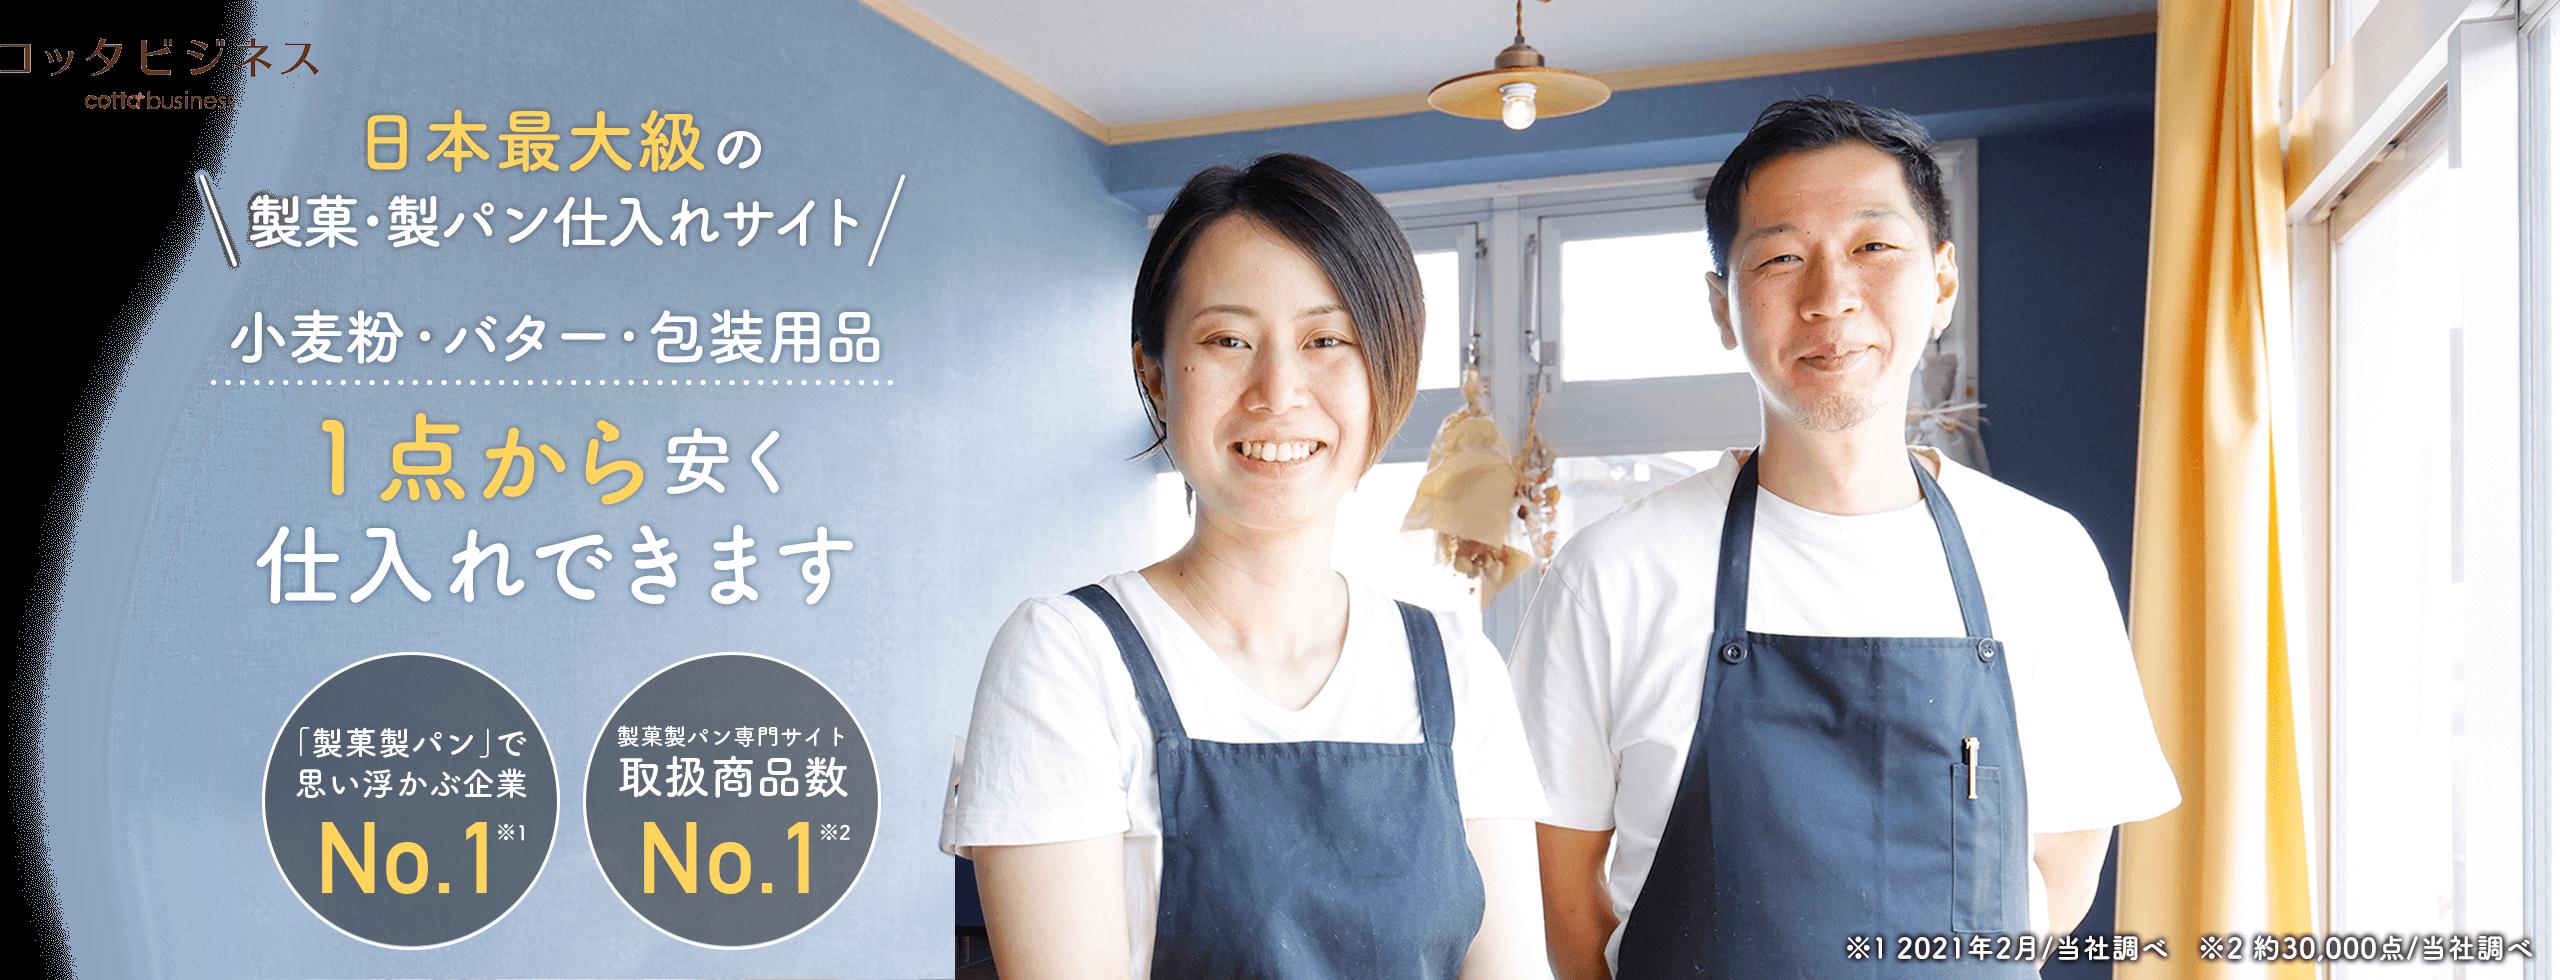 コッタビジネス cotta business 日本最大級の製菓・製パン仕入れサイト 小麦粉・バター・包装用品 1点から安く仕入れできます